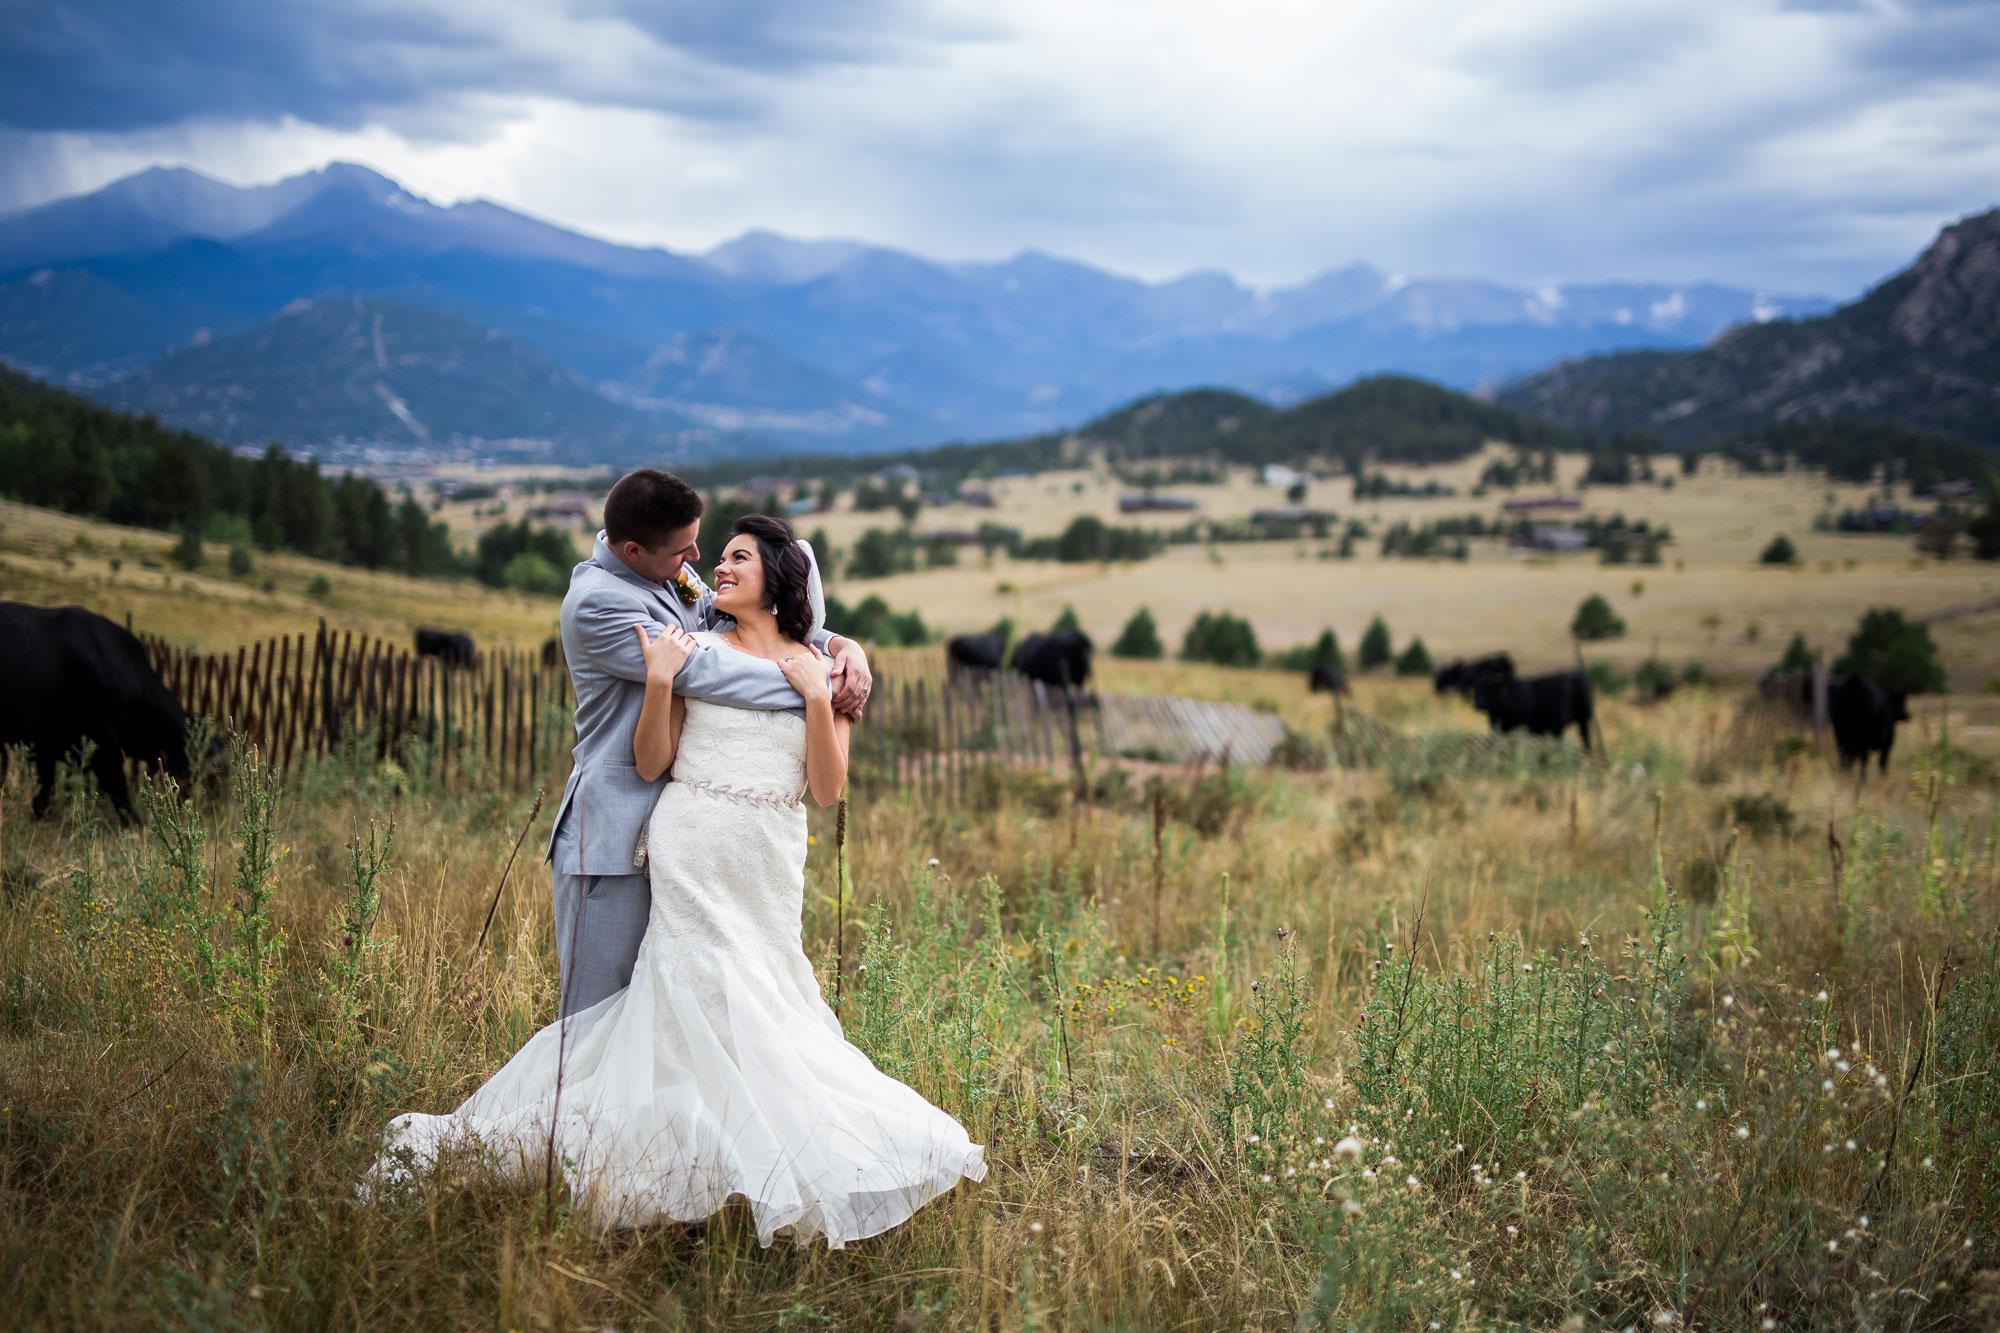 An Intimate Mountain Wedding in Estes Park, Colorado